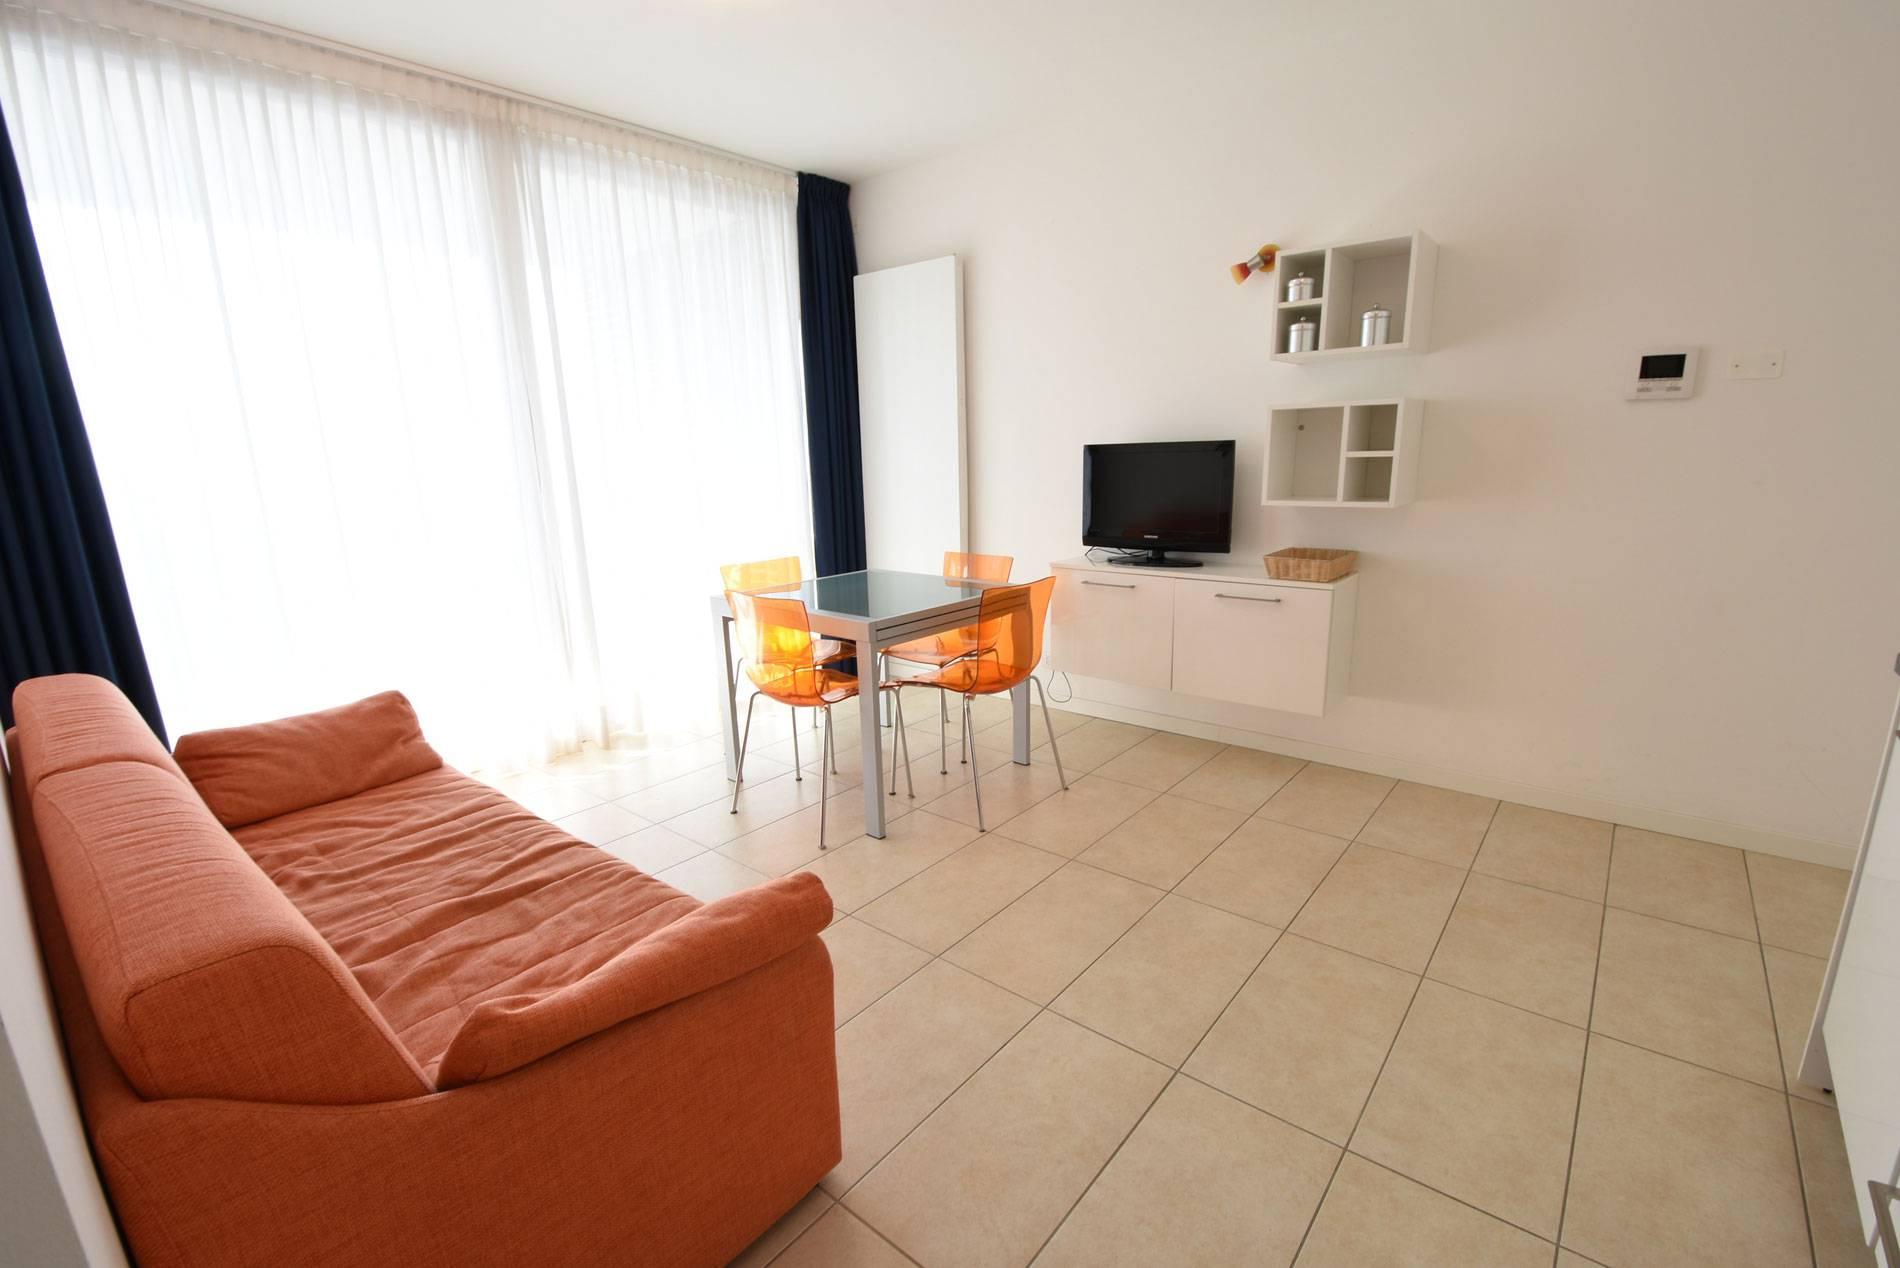 soggiorno-residence-belvedere-jesolo-appartamento-vacanza-645953287